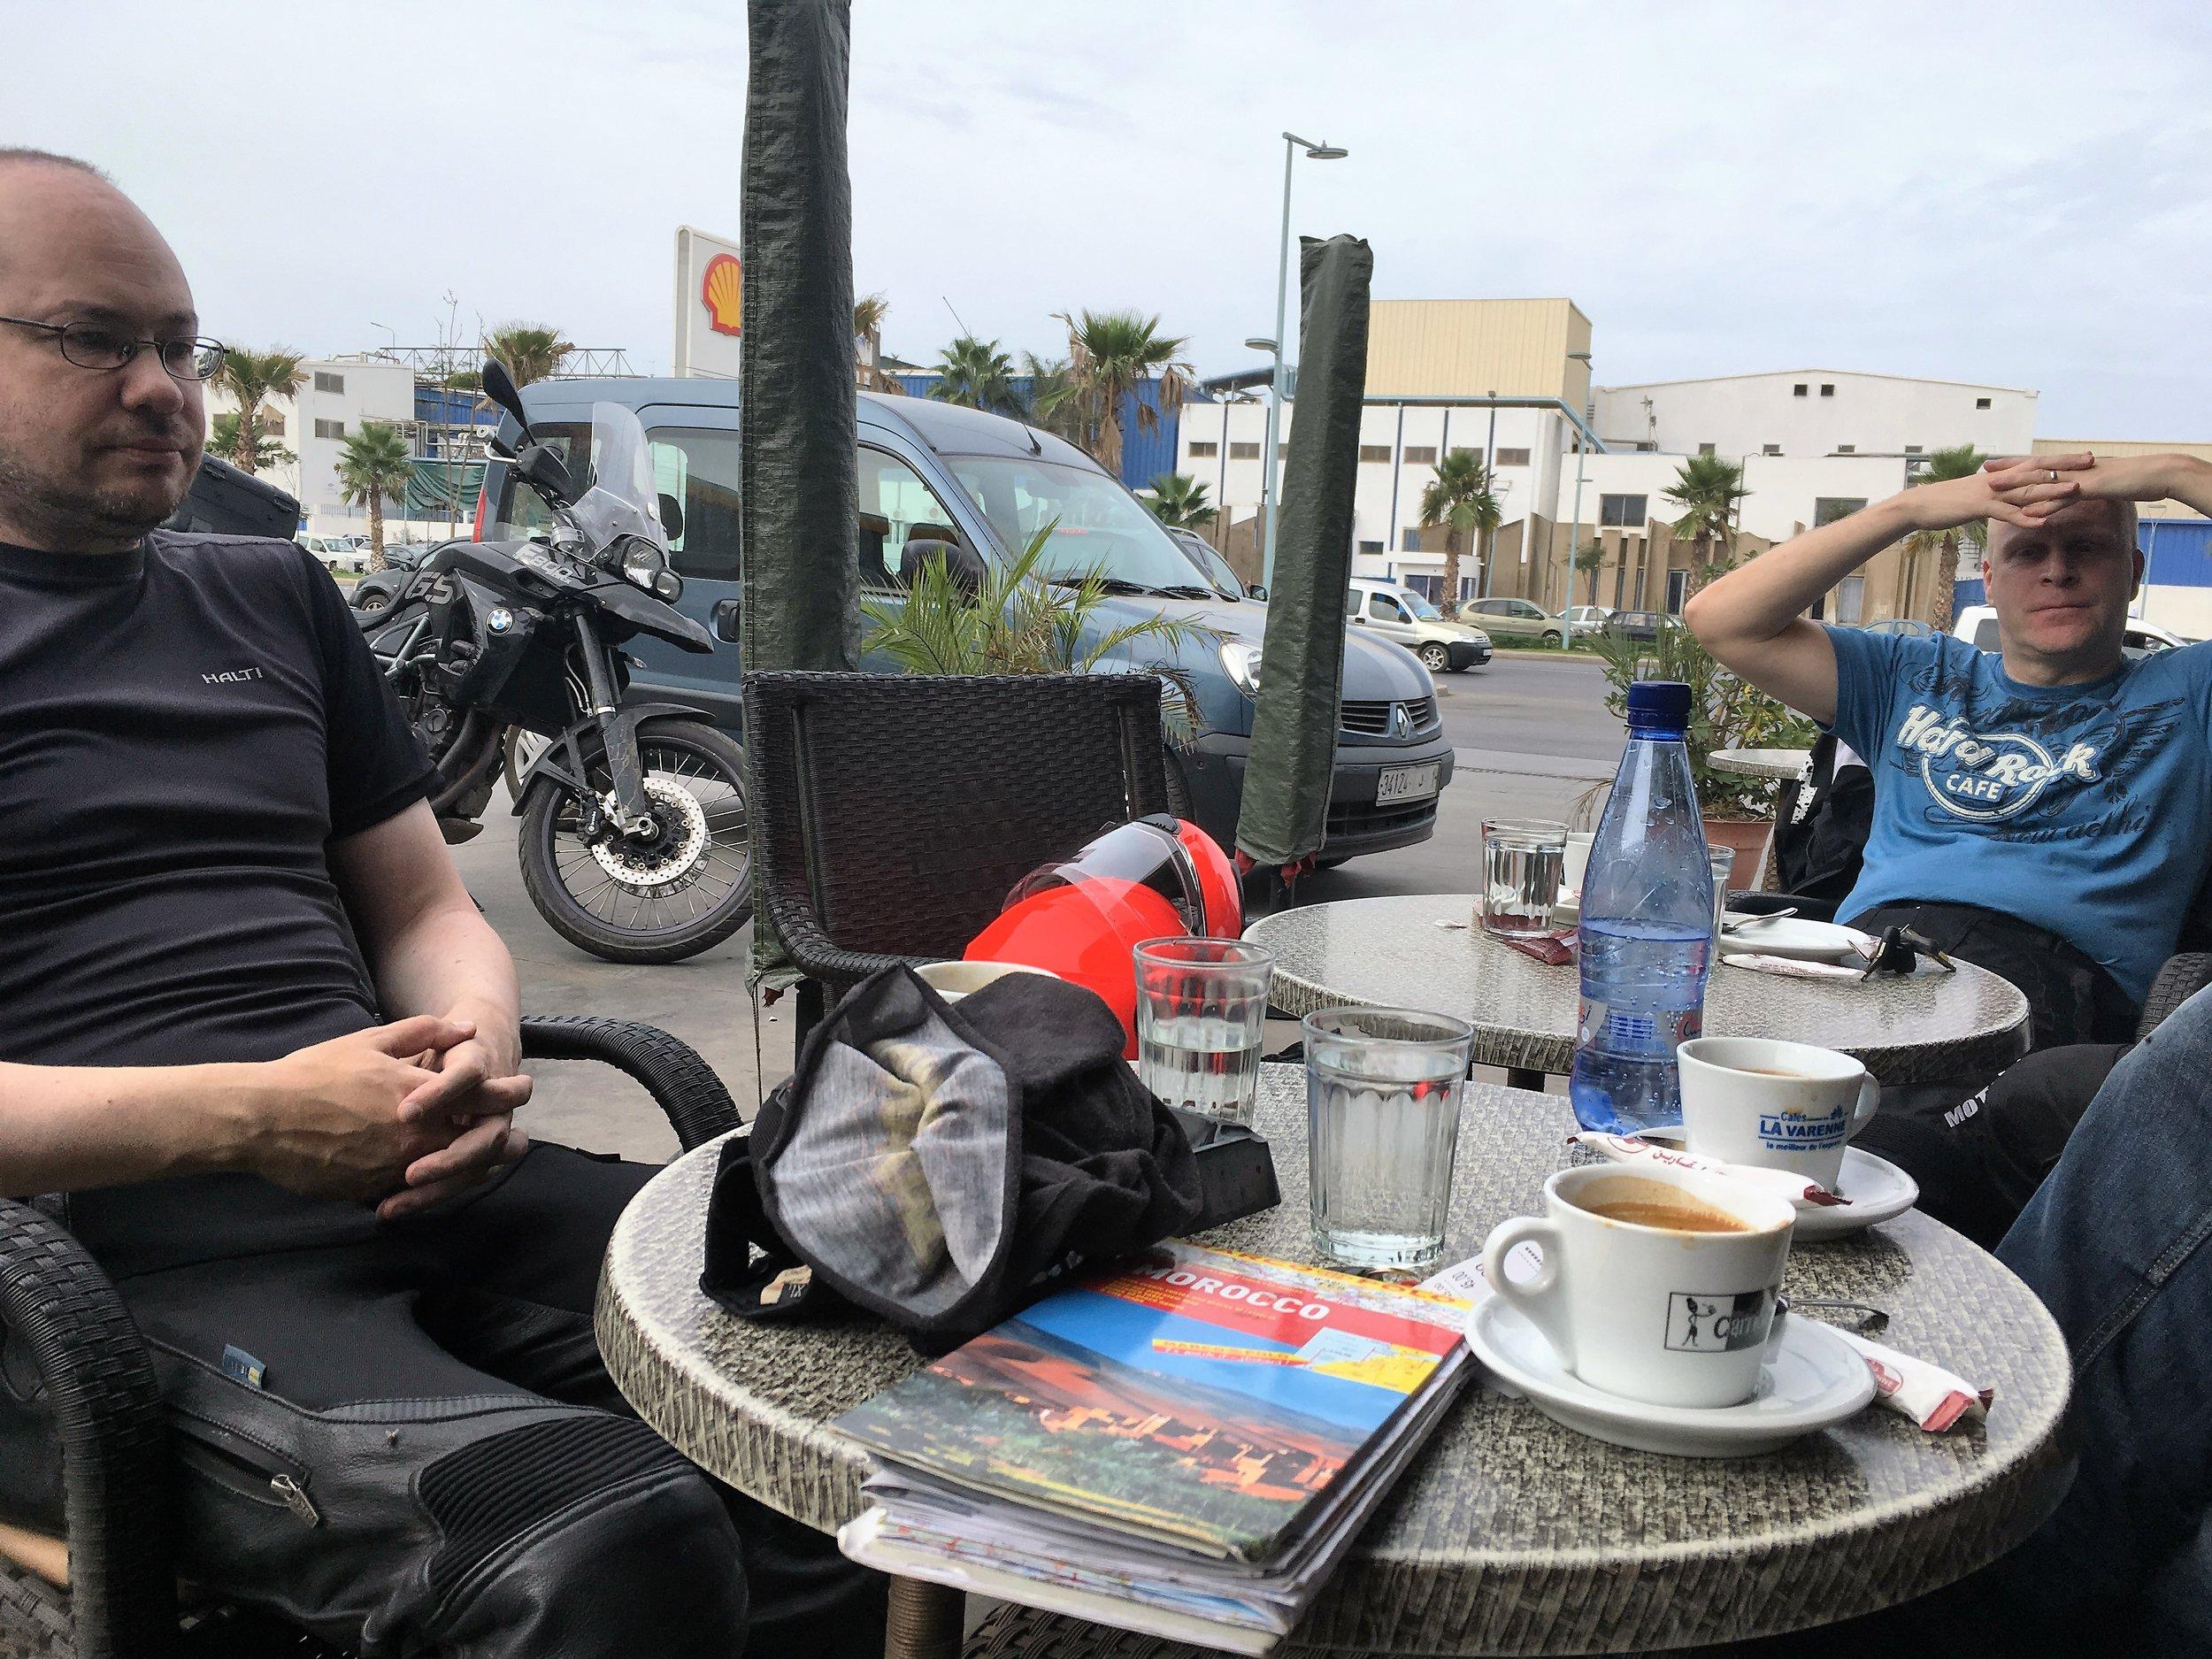 Rabatista poistuessaan pysähdyttiin juomaan vielä Shellille nopeat Espressot ja katsomaan karttaa - mietittiin että harvemmin sitä tulee Rabatin Shellilla hengailtua :)